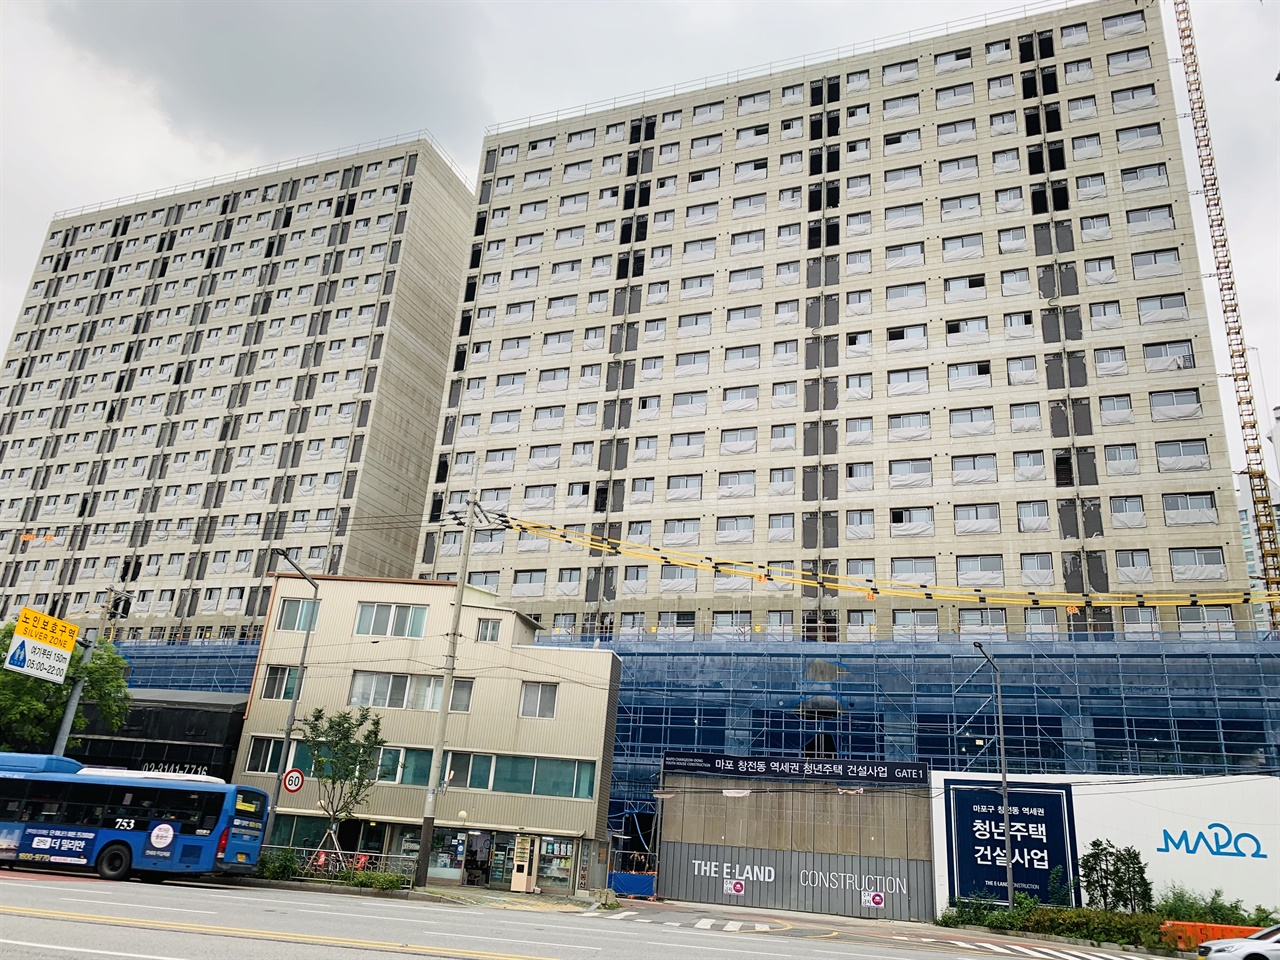 ▲ 광흥창역 인근 청년주택의 모습, 빼곡히 들어찬 창문의 모습이 닭장을 연상케 한다.